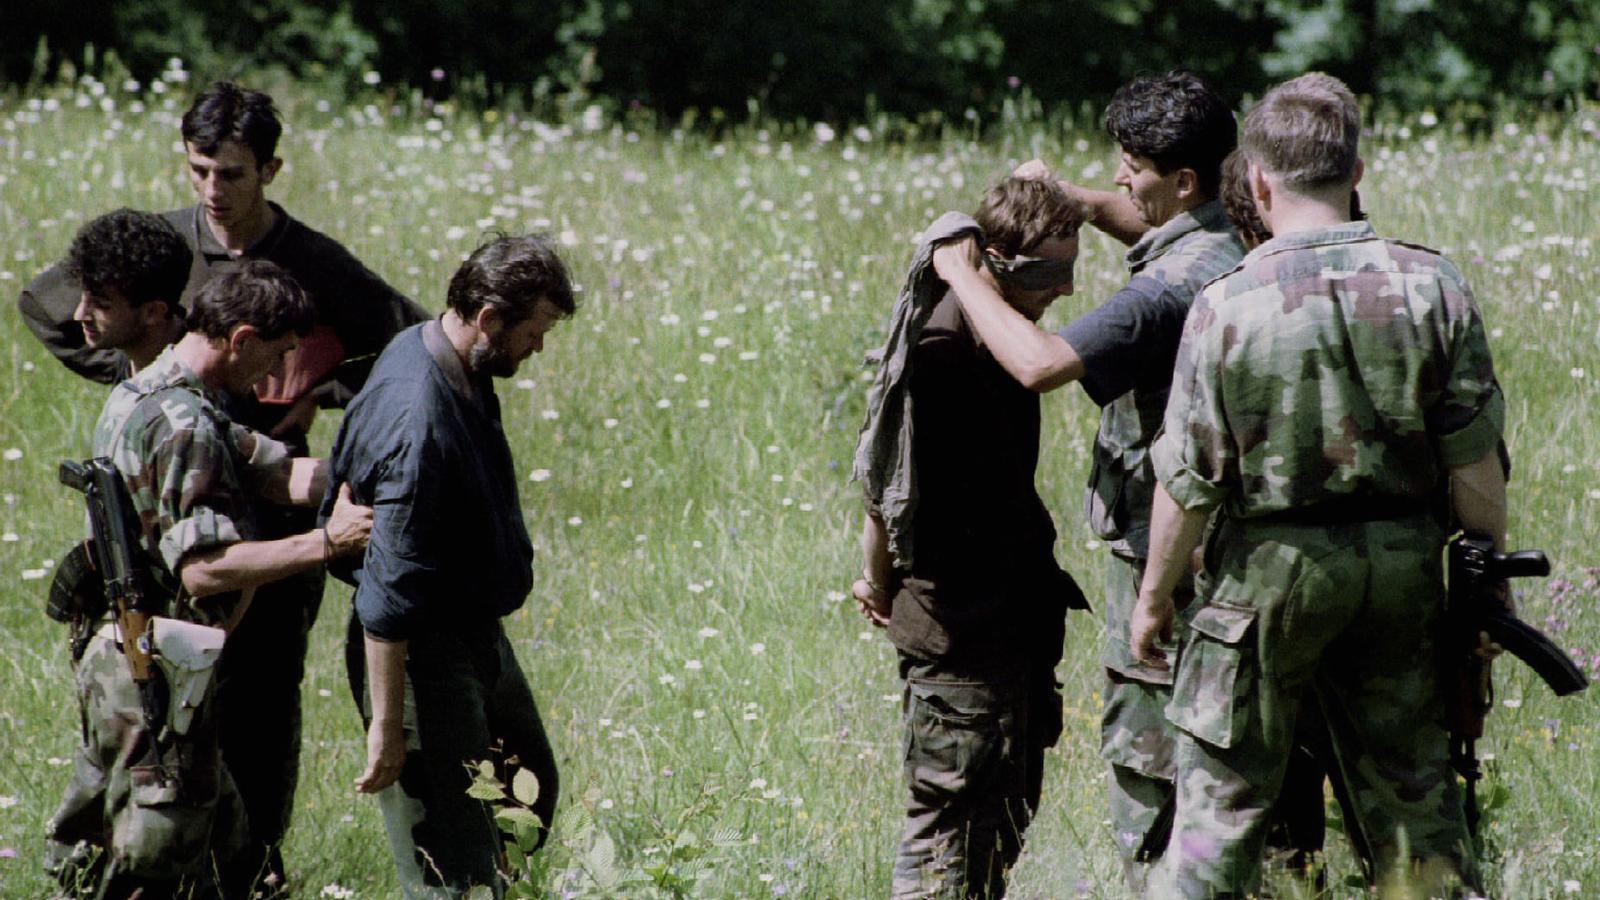 Militars croats tapen els ulls a diversos presoners bosnis musulmans. / REUTERS